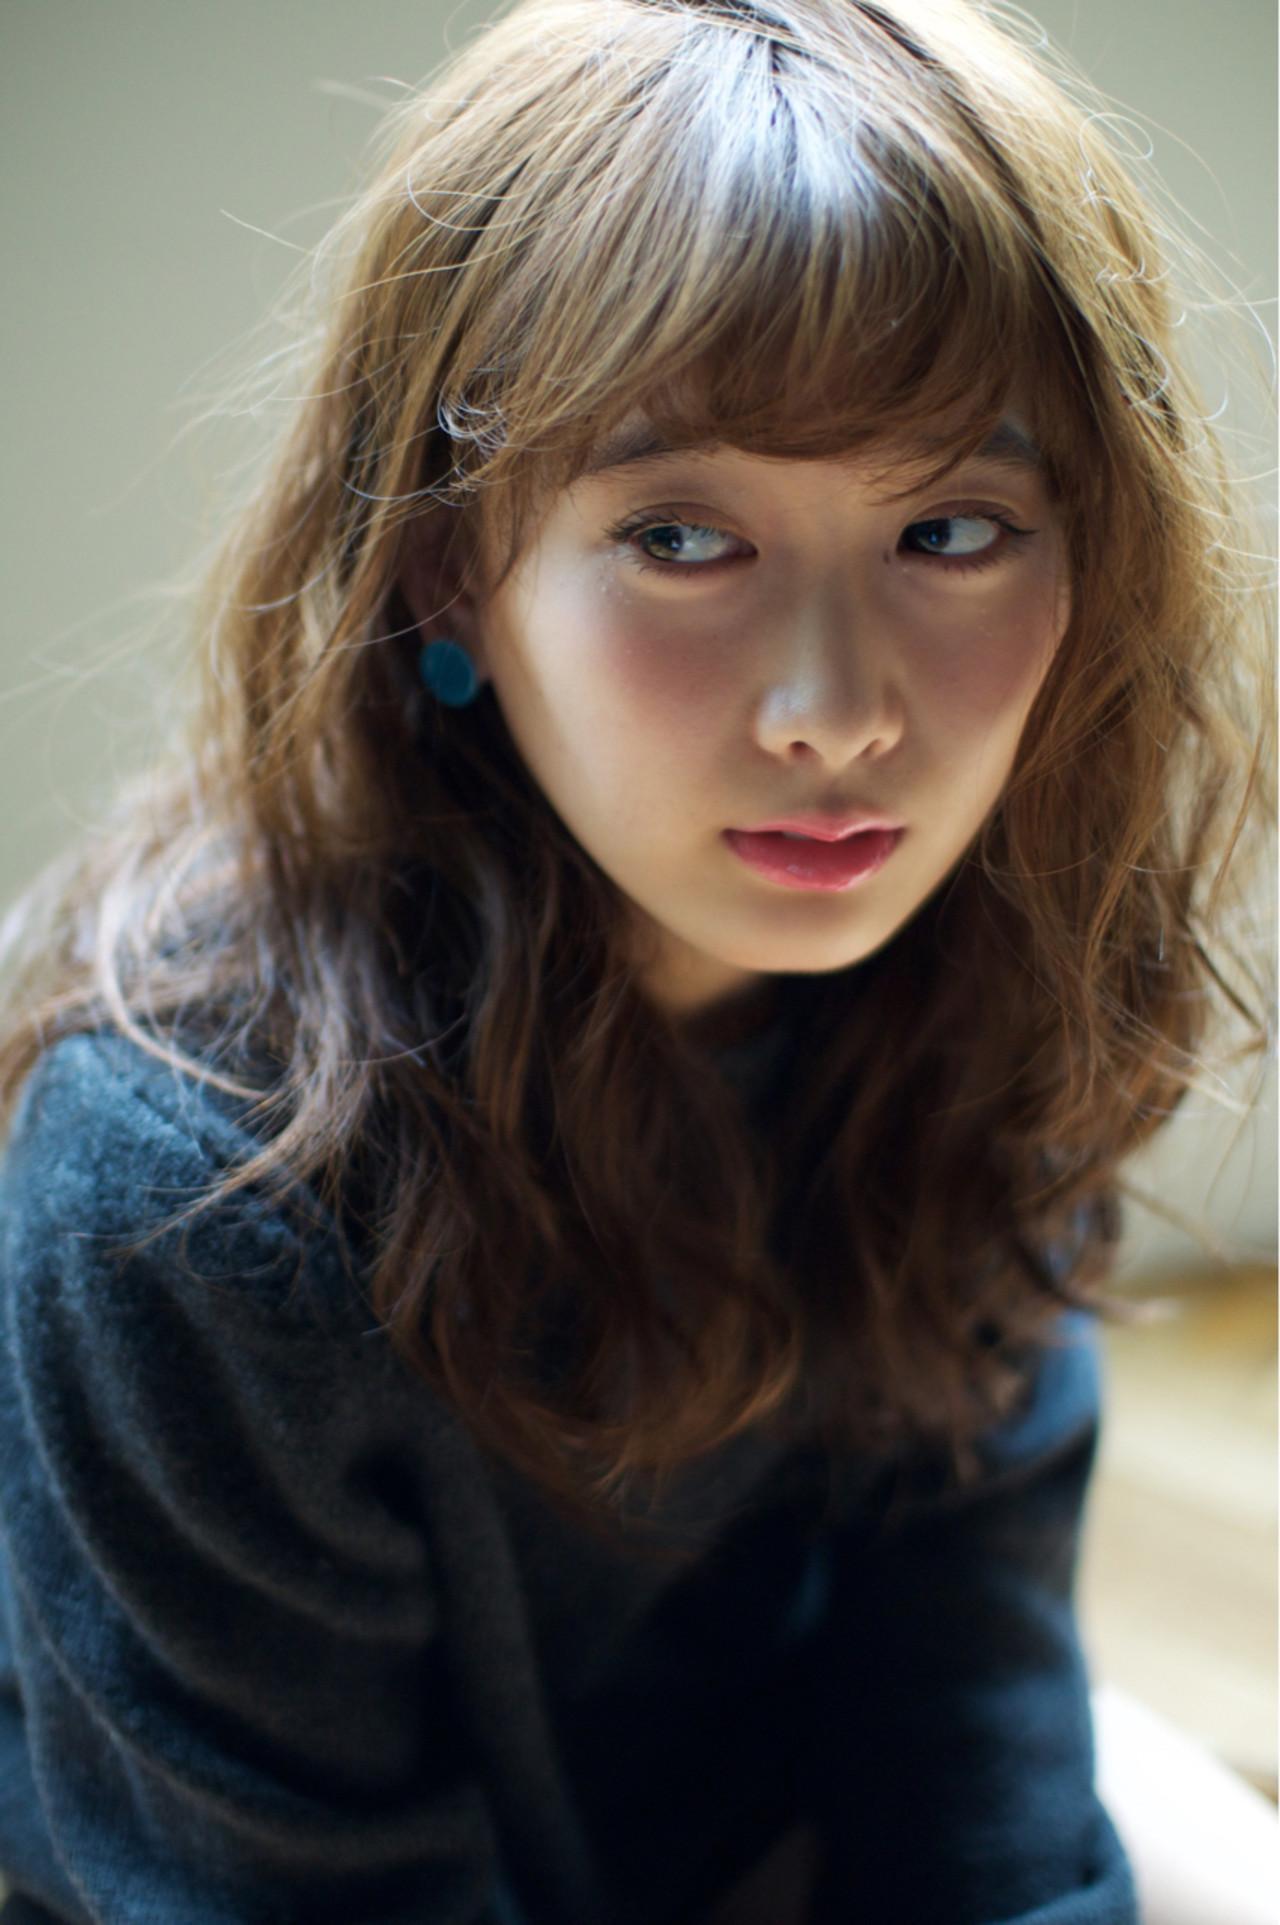 モテを呼び込む前髪パーマ。忙しい朝とはおさらば☆ YUKINA / HOMIE TOKYO